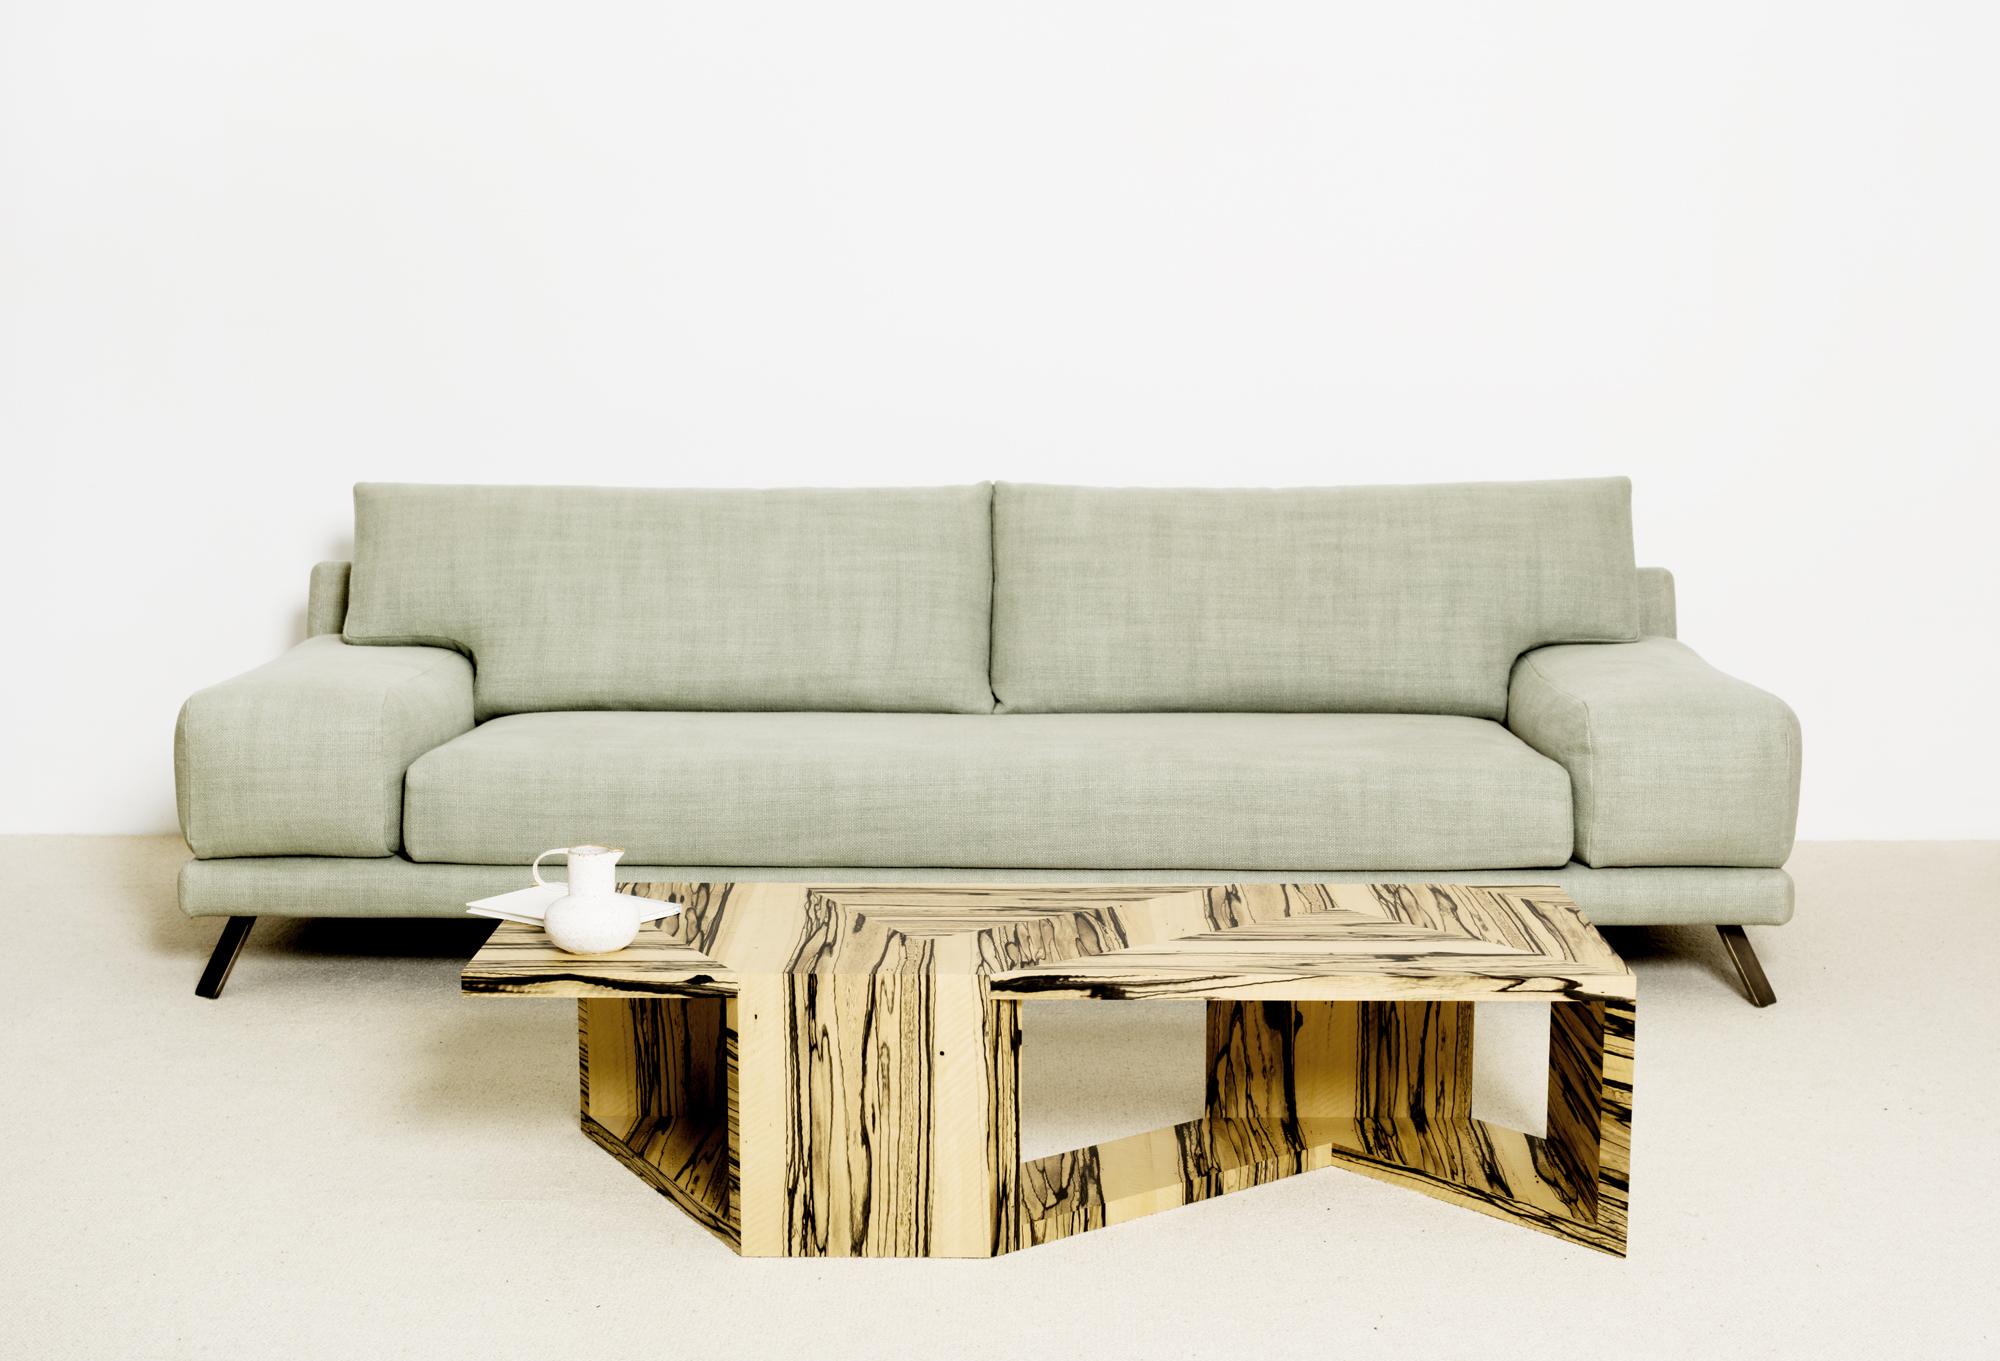 canape maison amazing fond ducran vieux monochrome fentre intrieur abandonn mur table canap. Black Bedroom Furniture Sets. Home Design Ideas